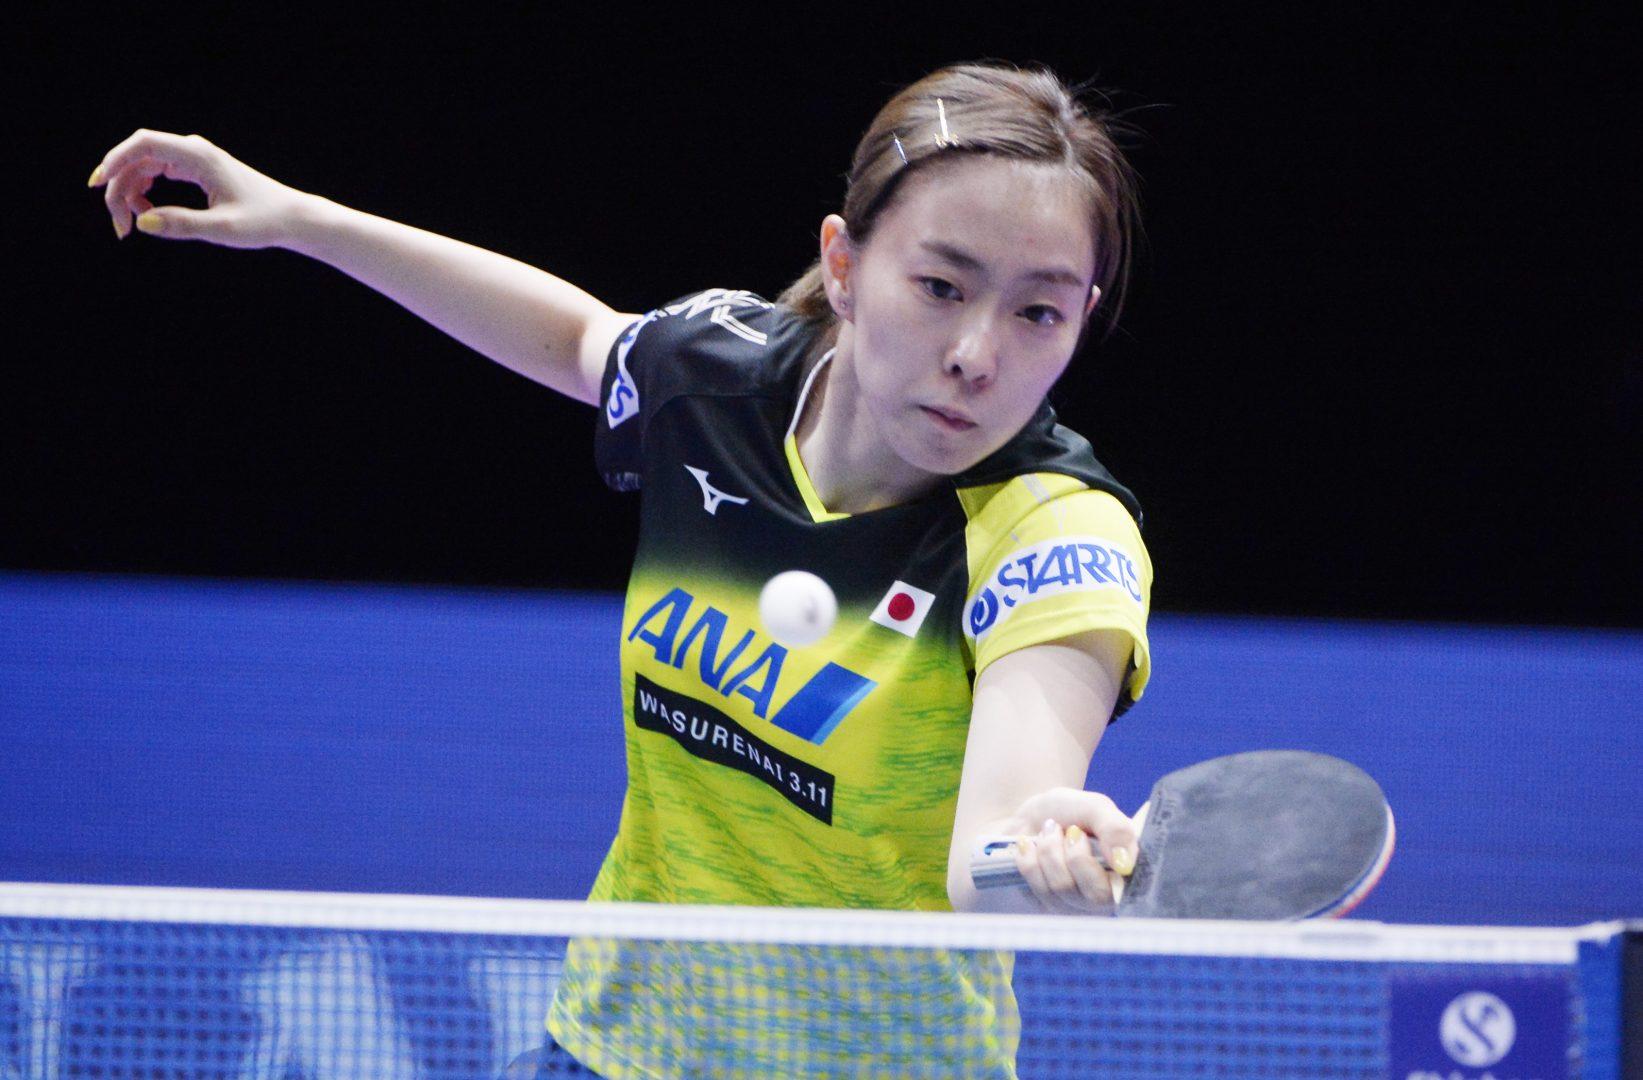 【卓球・女子】2019年度ナショナルチーム選手が決定 候補選手を含めて14名が選出